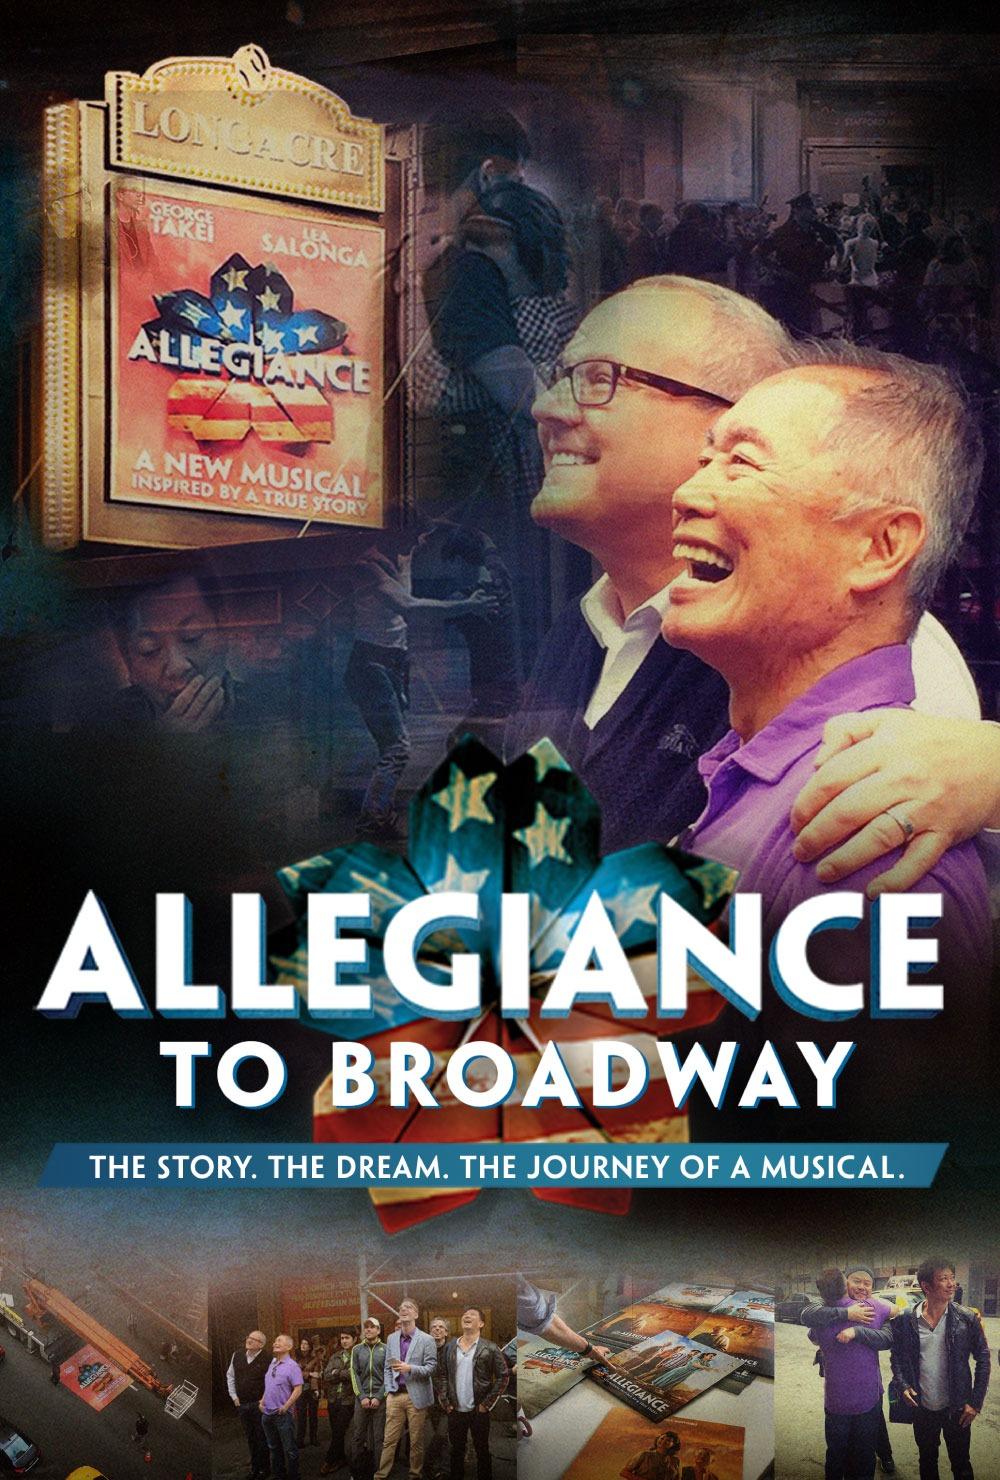 Allegiance to Broadway